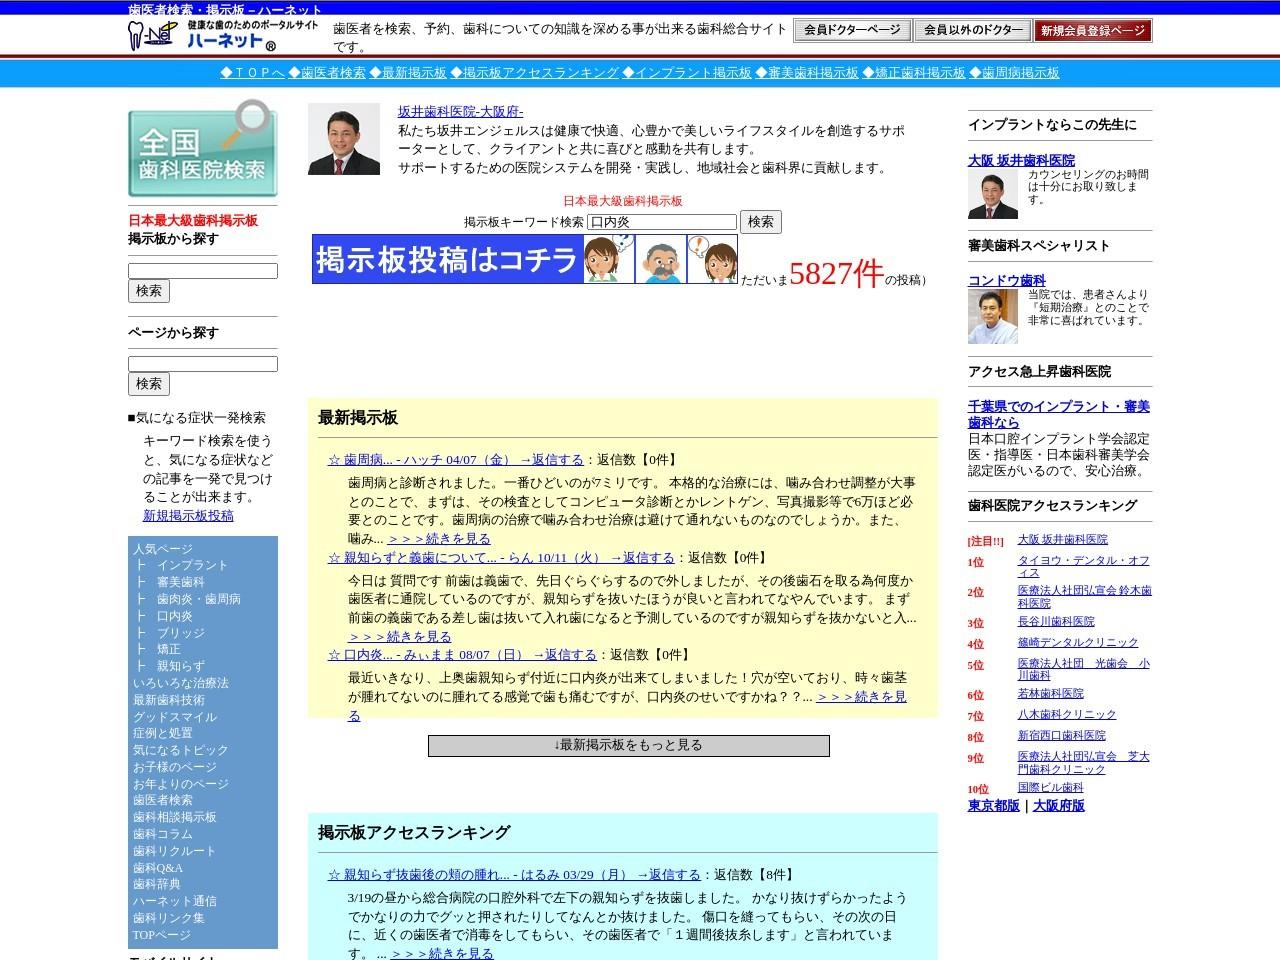 医療法人芳明会  香川上歯科医院 (大阪府堺市西区)